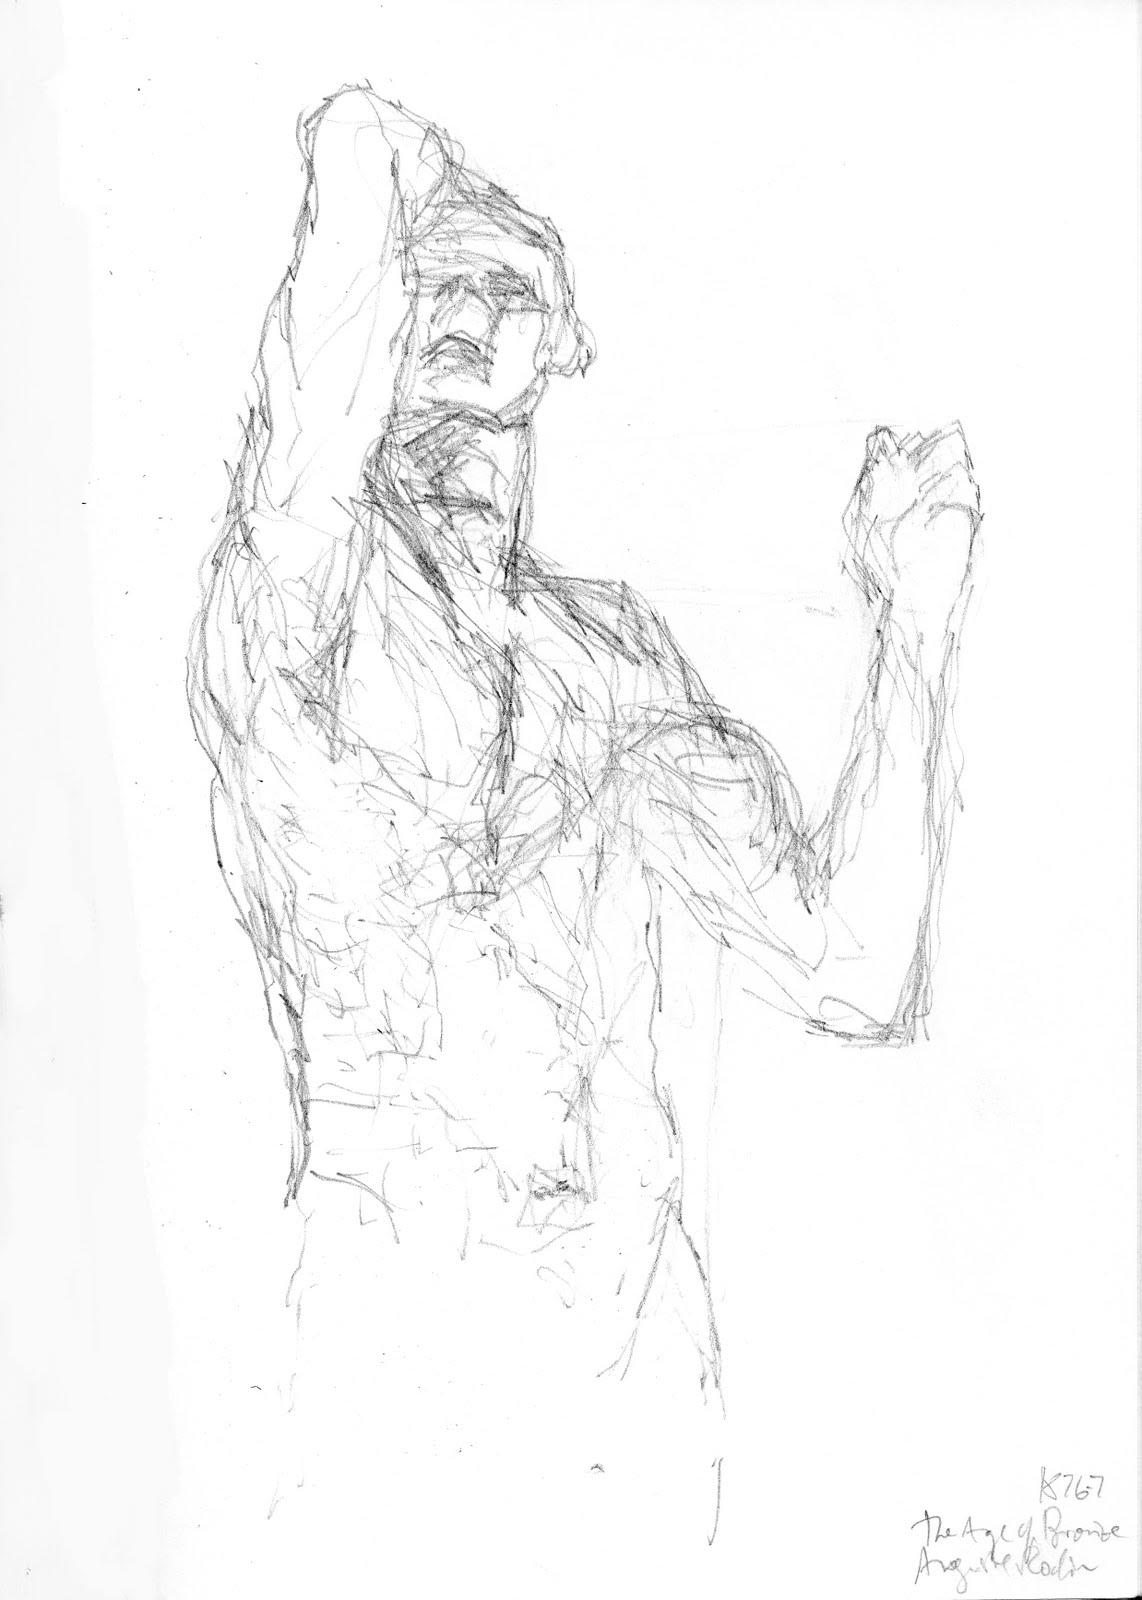 1142x1600 Julia Kollewe Vampa Drawings Part Ii